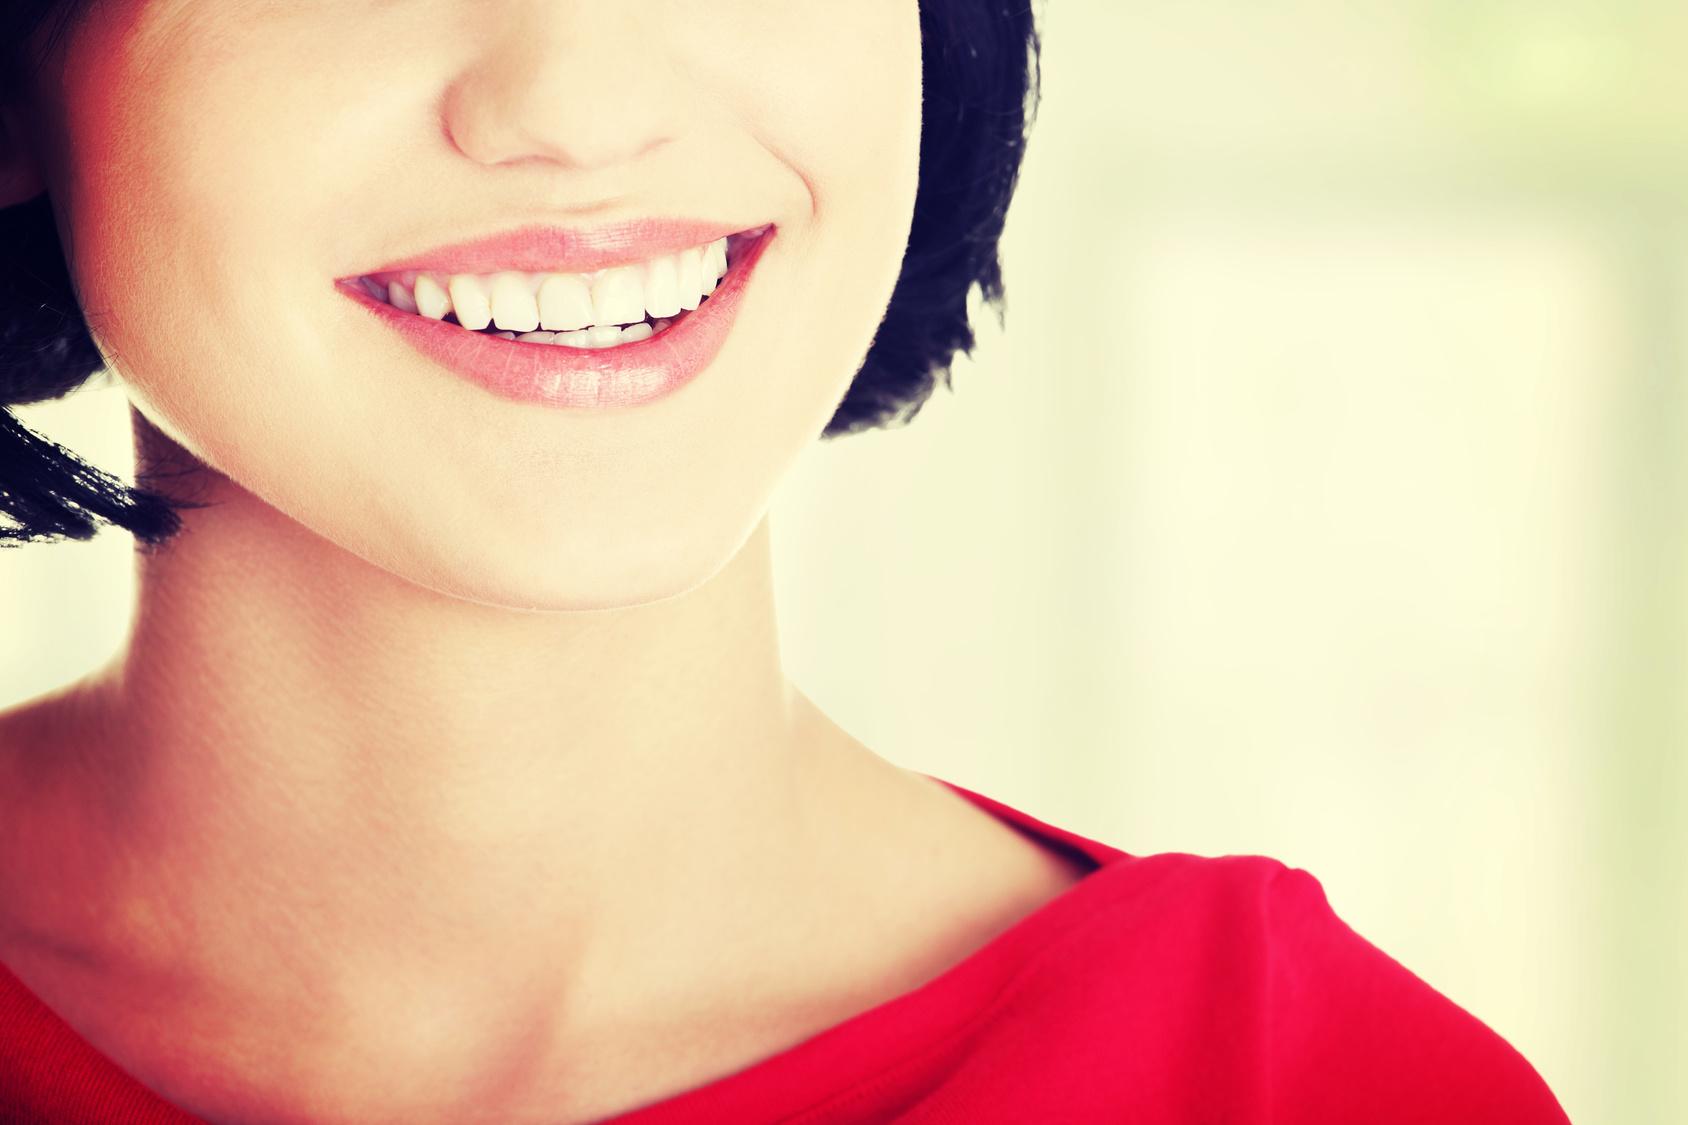 歯ぐきが黒ずんでると感じたら・・・対処法ってある?_